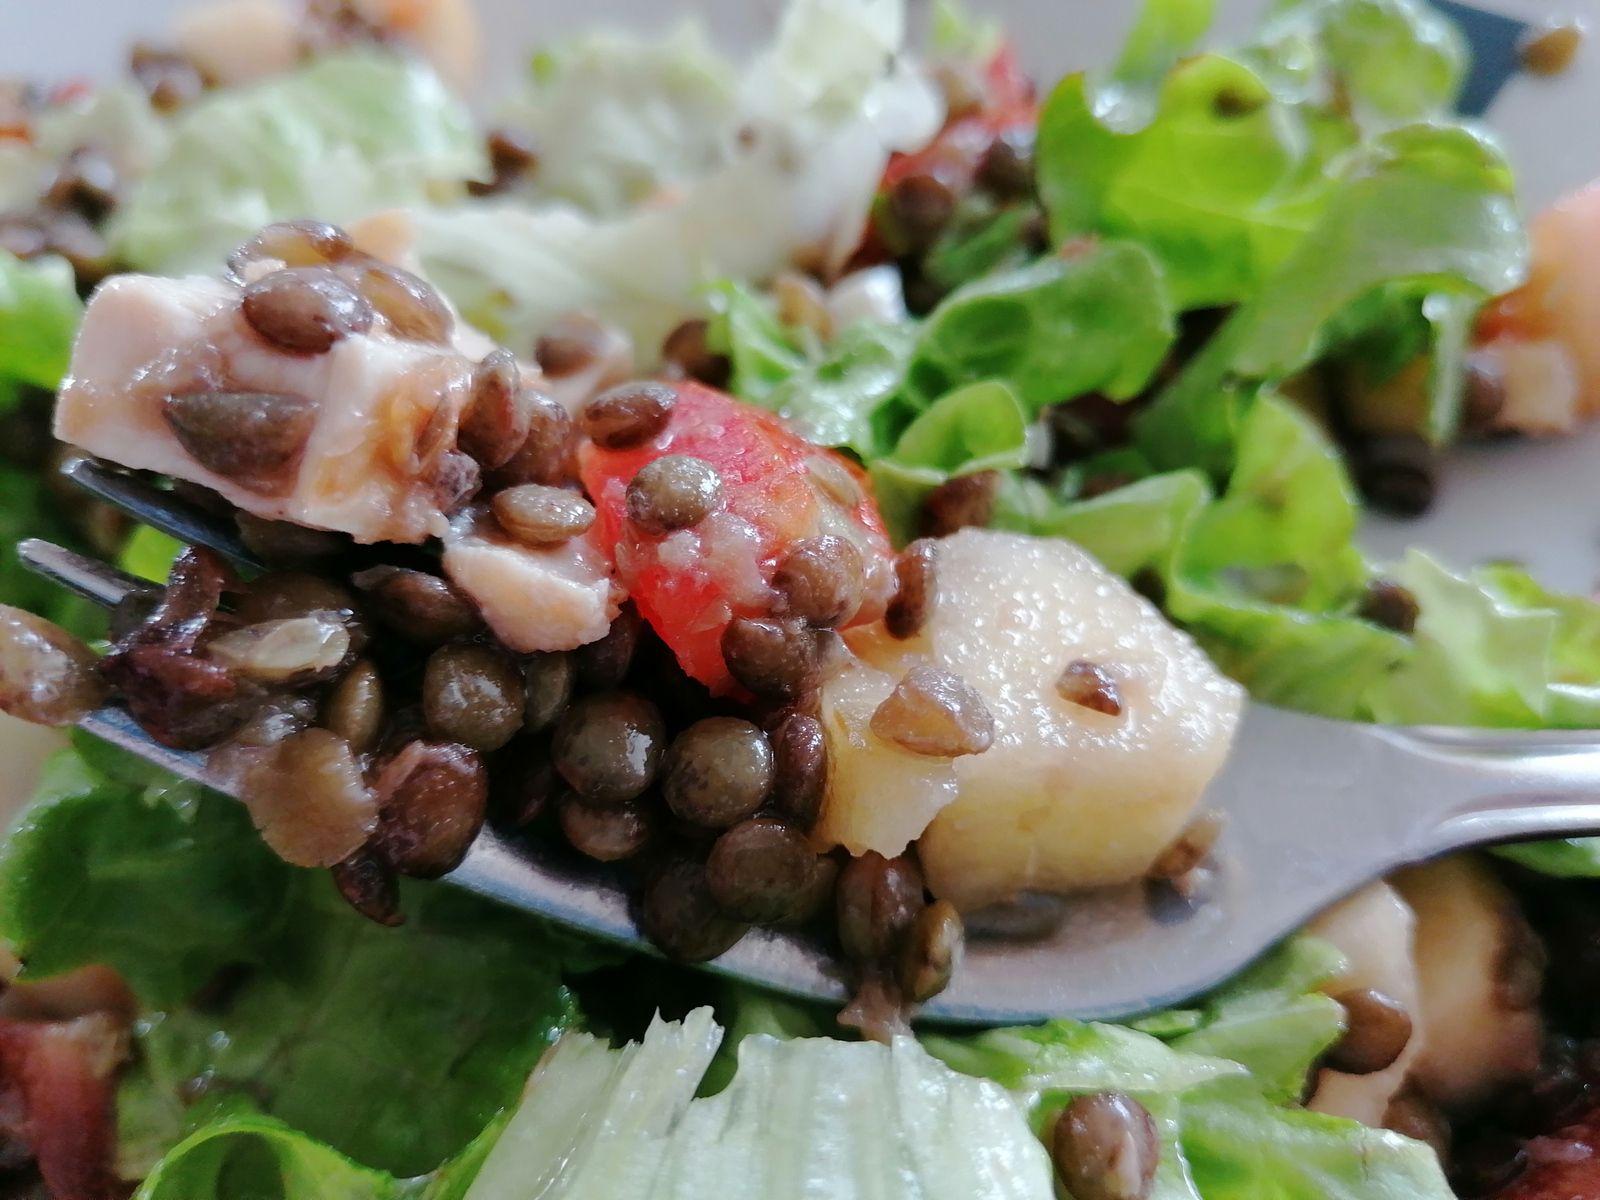 Salade de lentilles vertes au poulet